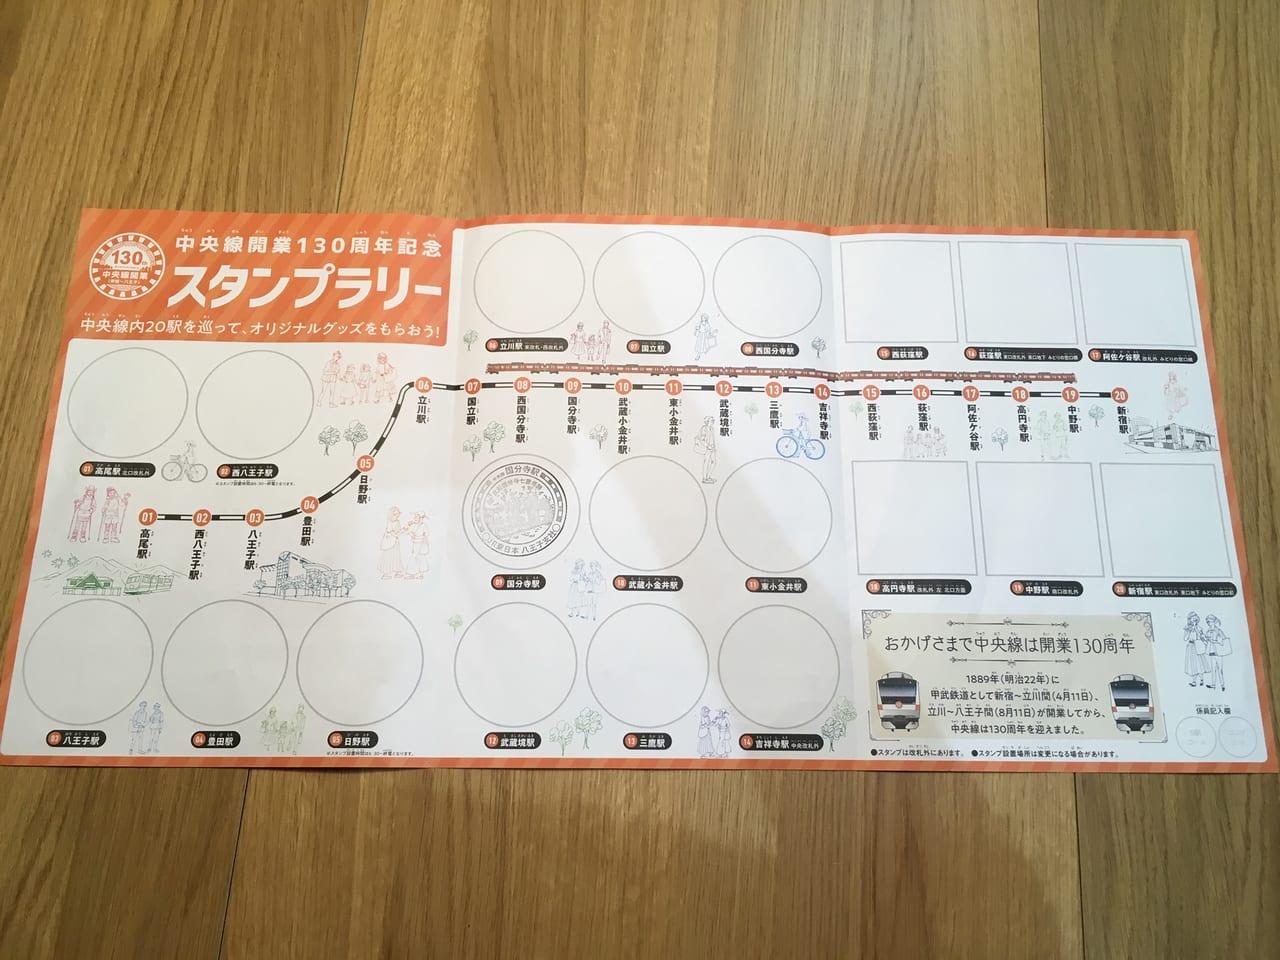 JR中央線線開業130周年記念スタンプラリー